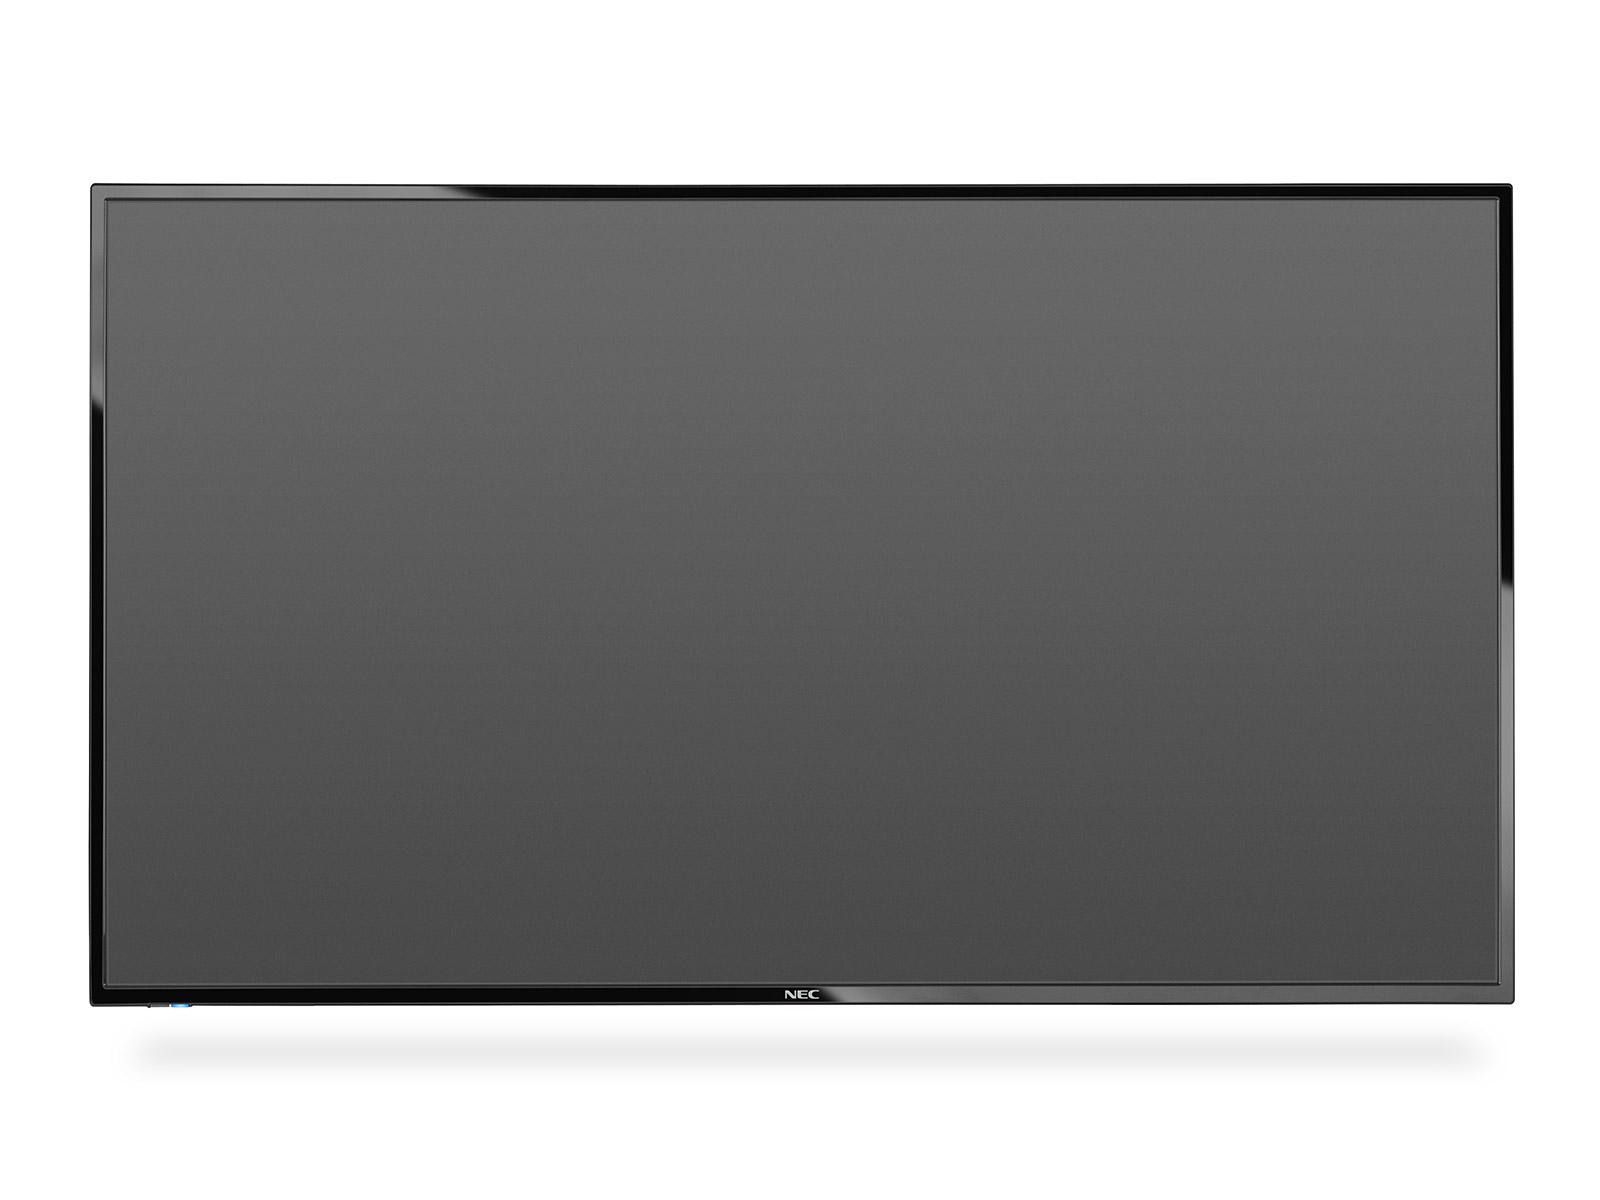 """NEC 55"""" velkoformátový display E556 - 12/7, 1920x1080, 350cd, media player, bez stojanu"""